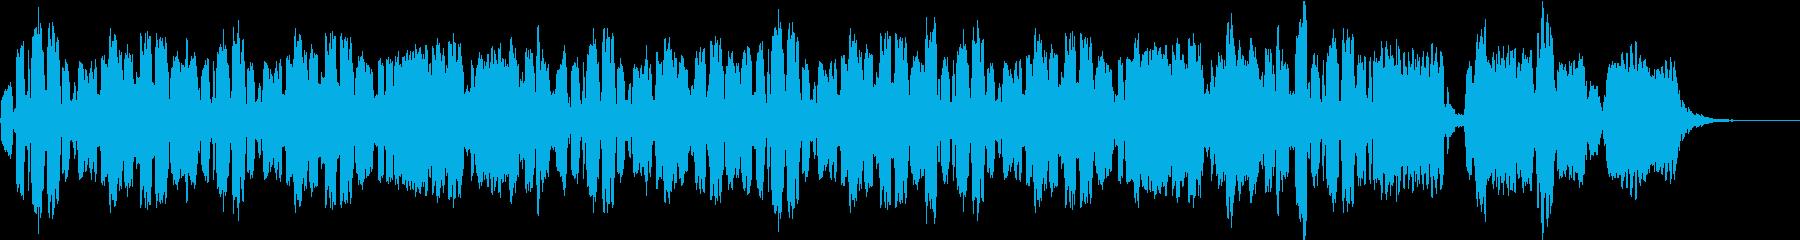 【クリスマス】もみの木 フルート演奏の再生済みの波形